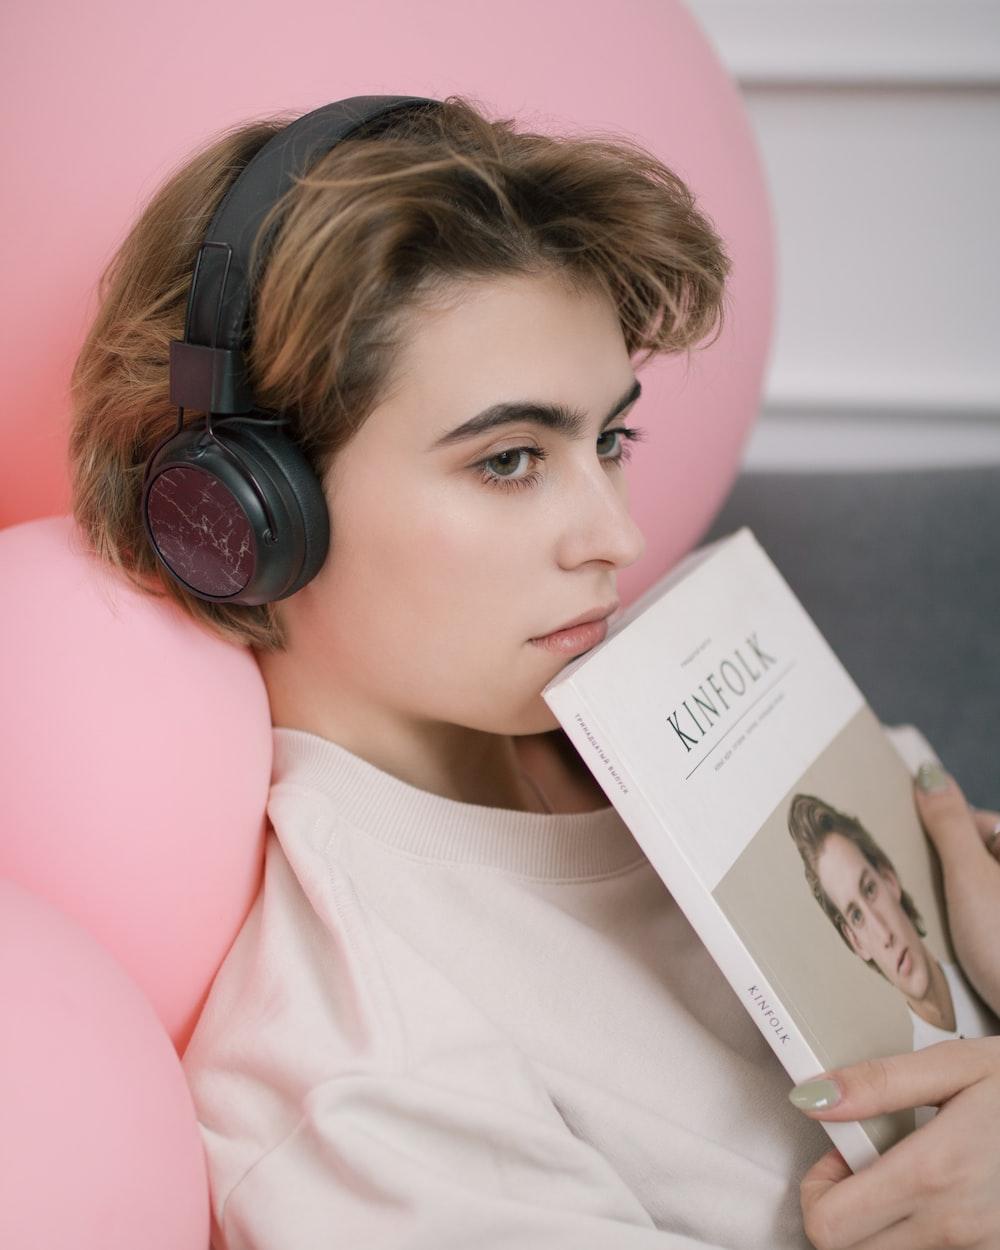 woman listening on black headphones